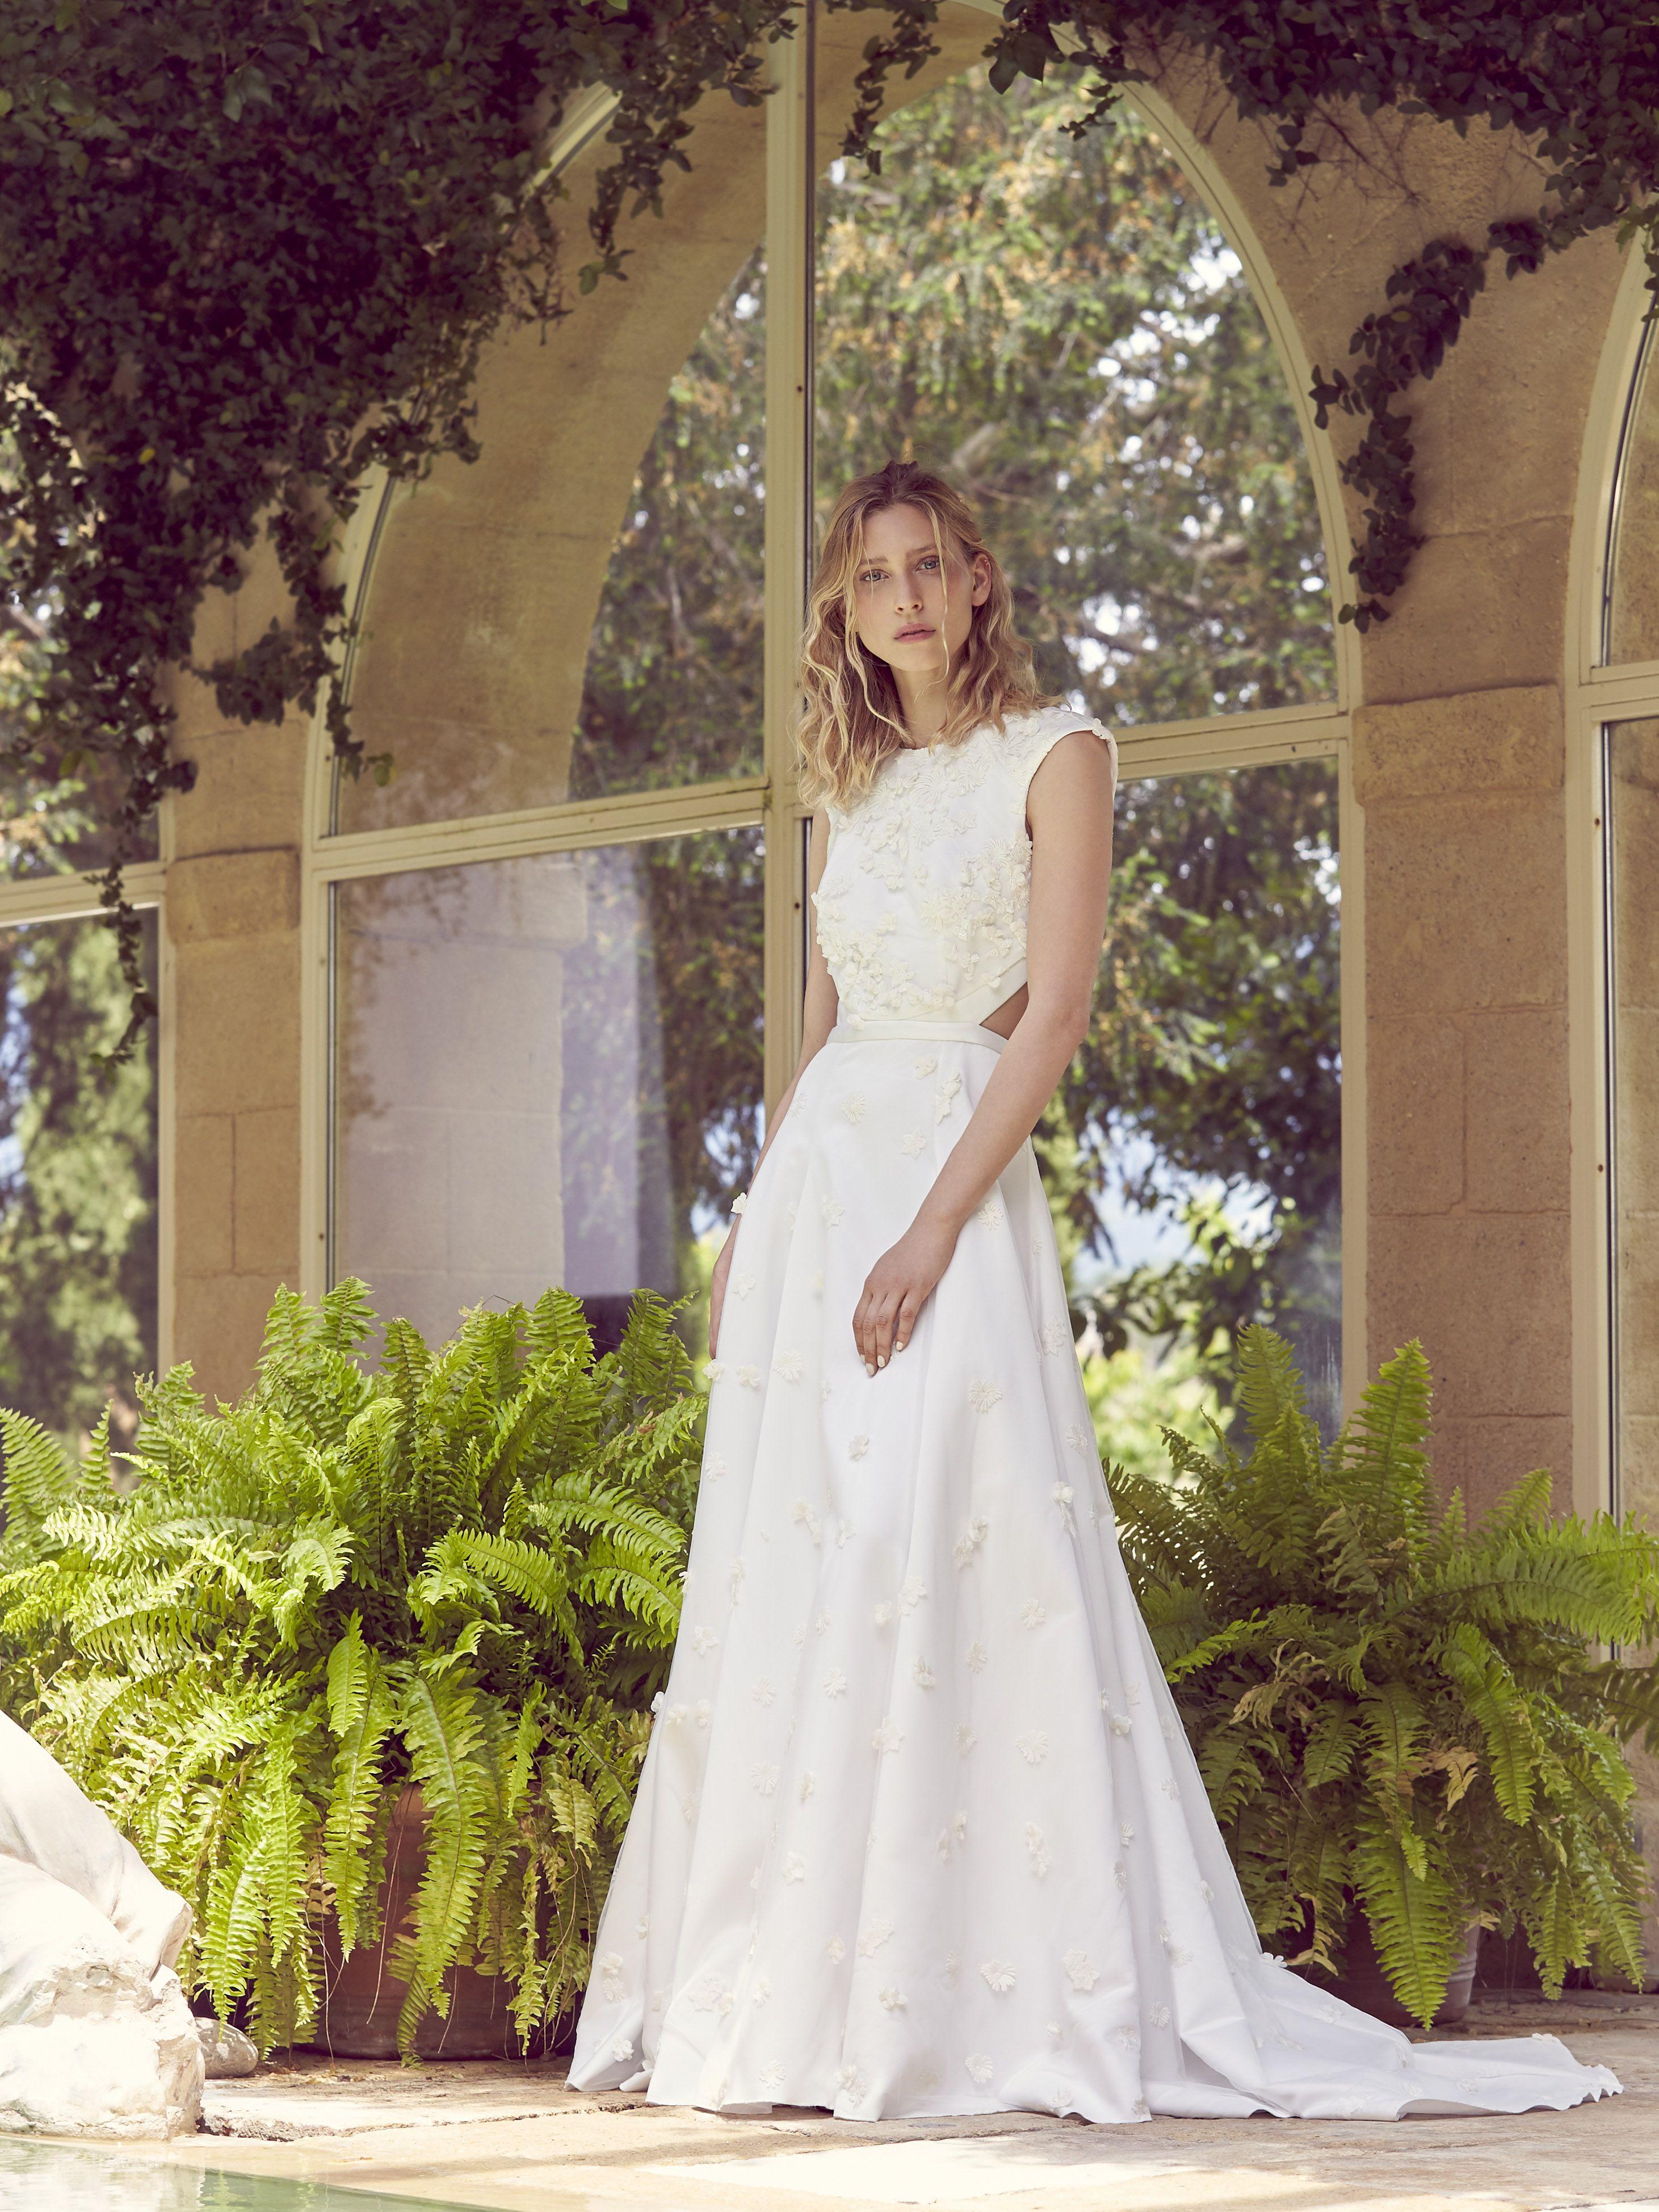 Amadis | Robe de mariage simple, Idées vestimentaires